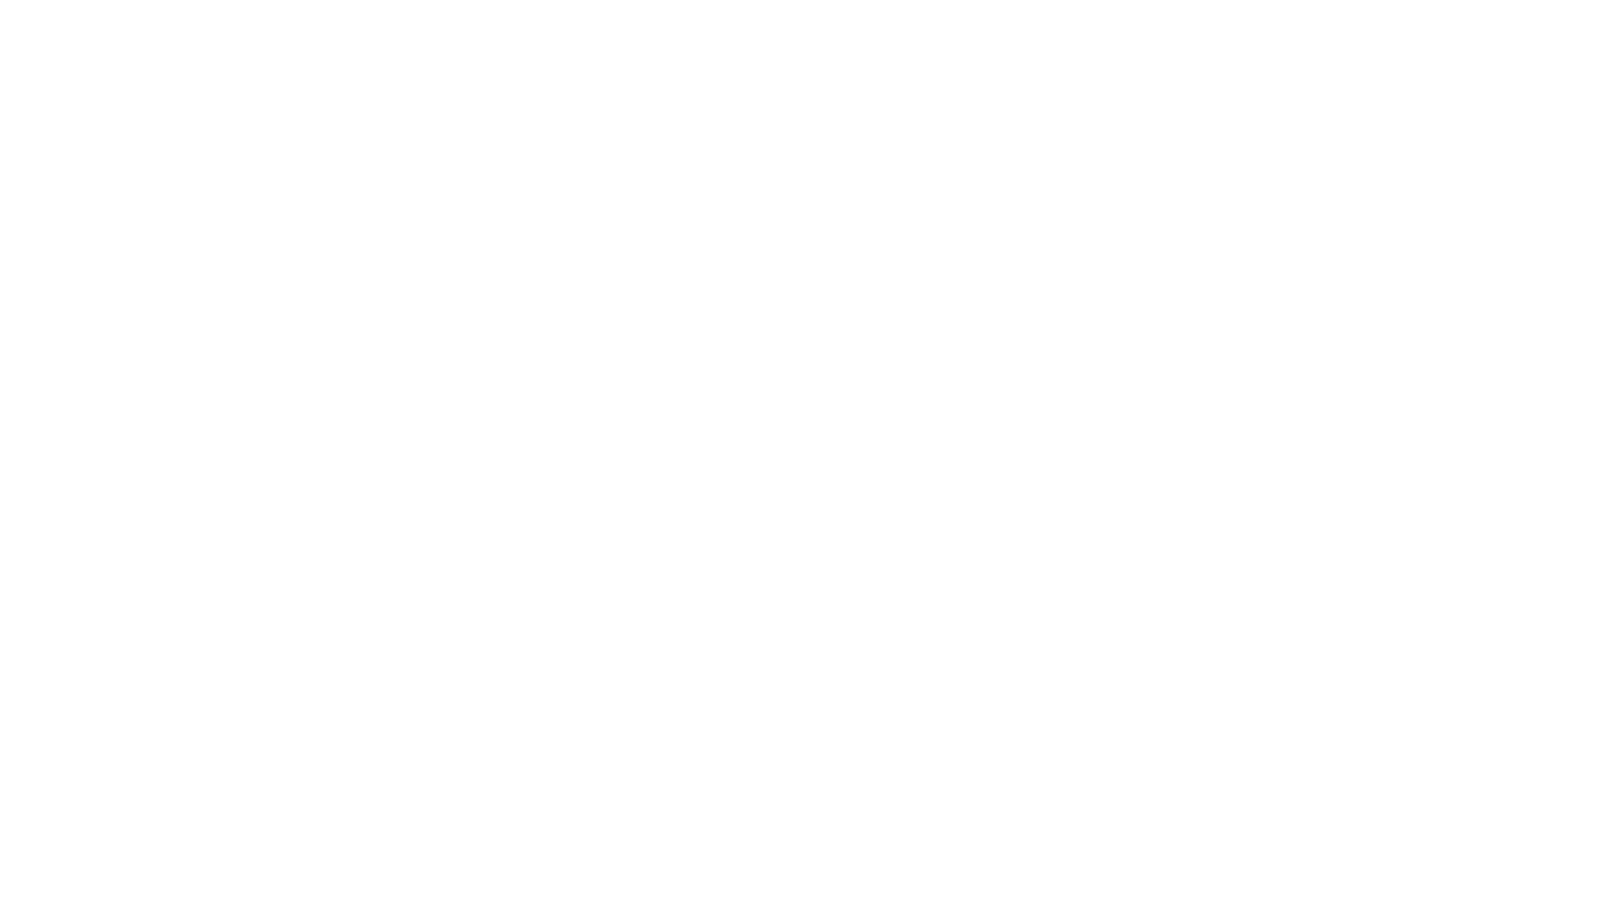 Presentazione della nuova collezione di t-shirt dedicata a un famoso gioco di calcio in 8bit. Personalizzate e personalizzabili. Perché lo stile prima di tutto. Disponibili su https://www.jerseyvice.com/shop